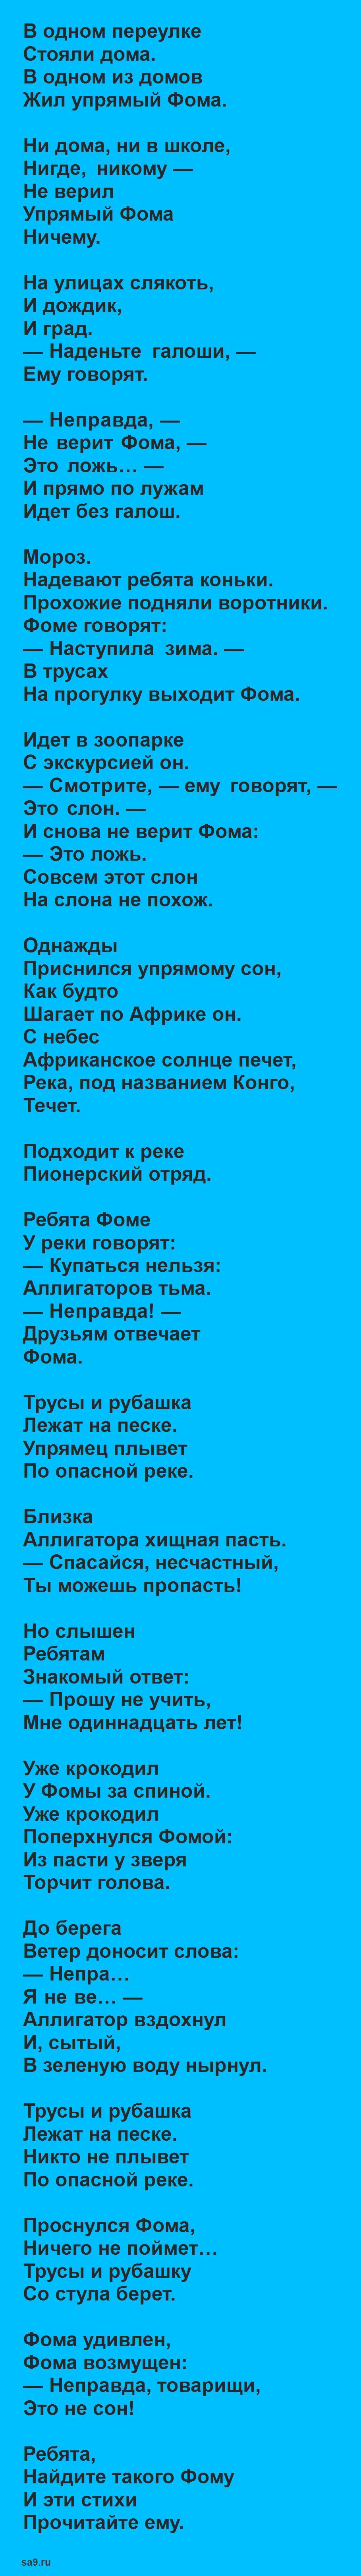 Михалков стихи - Фома